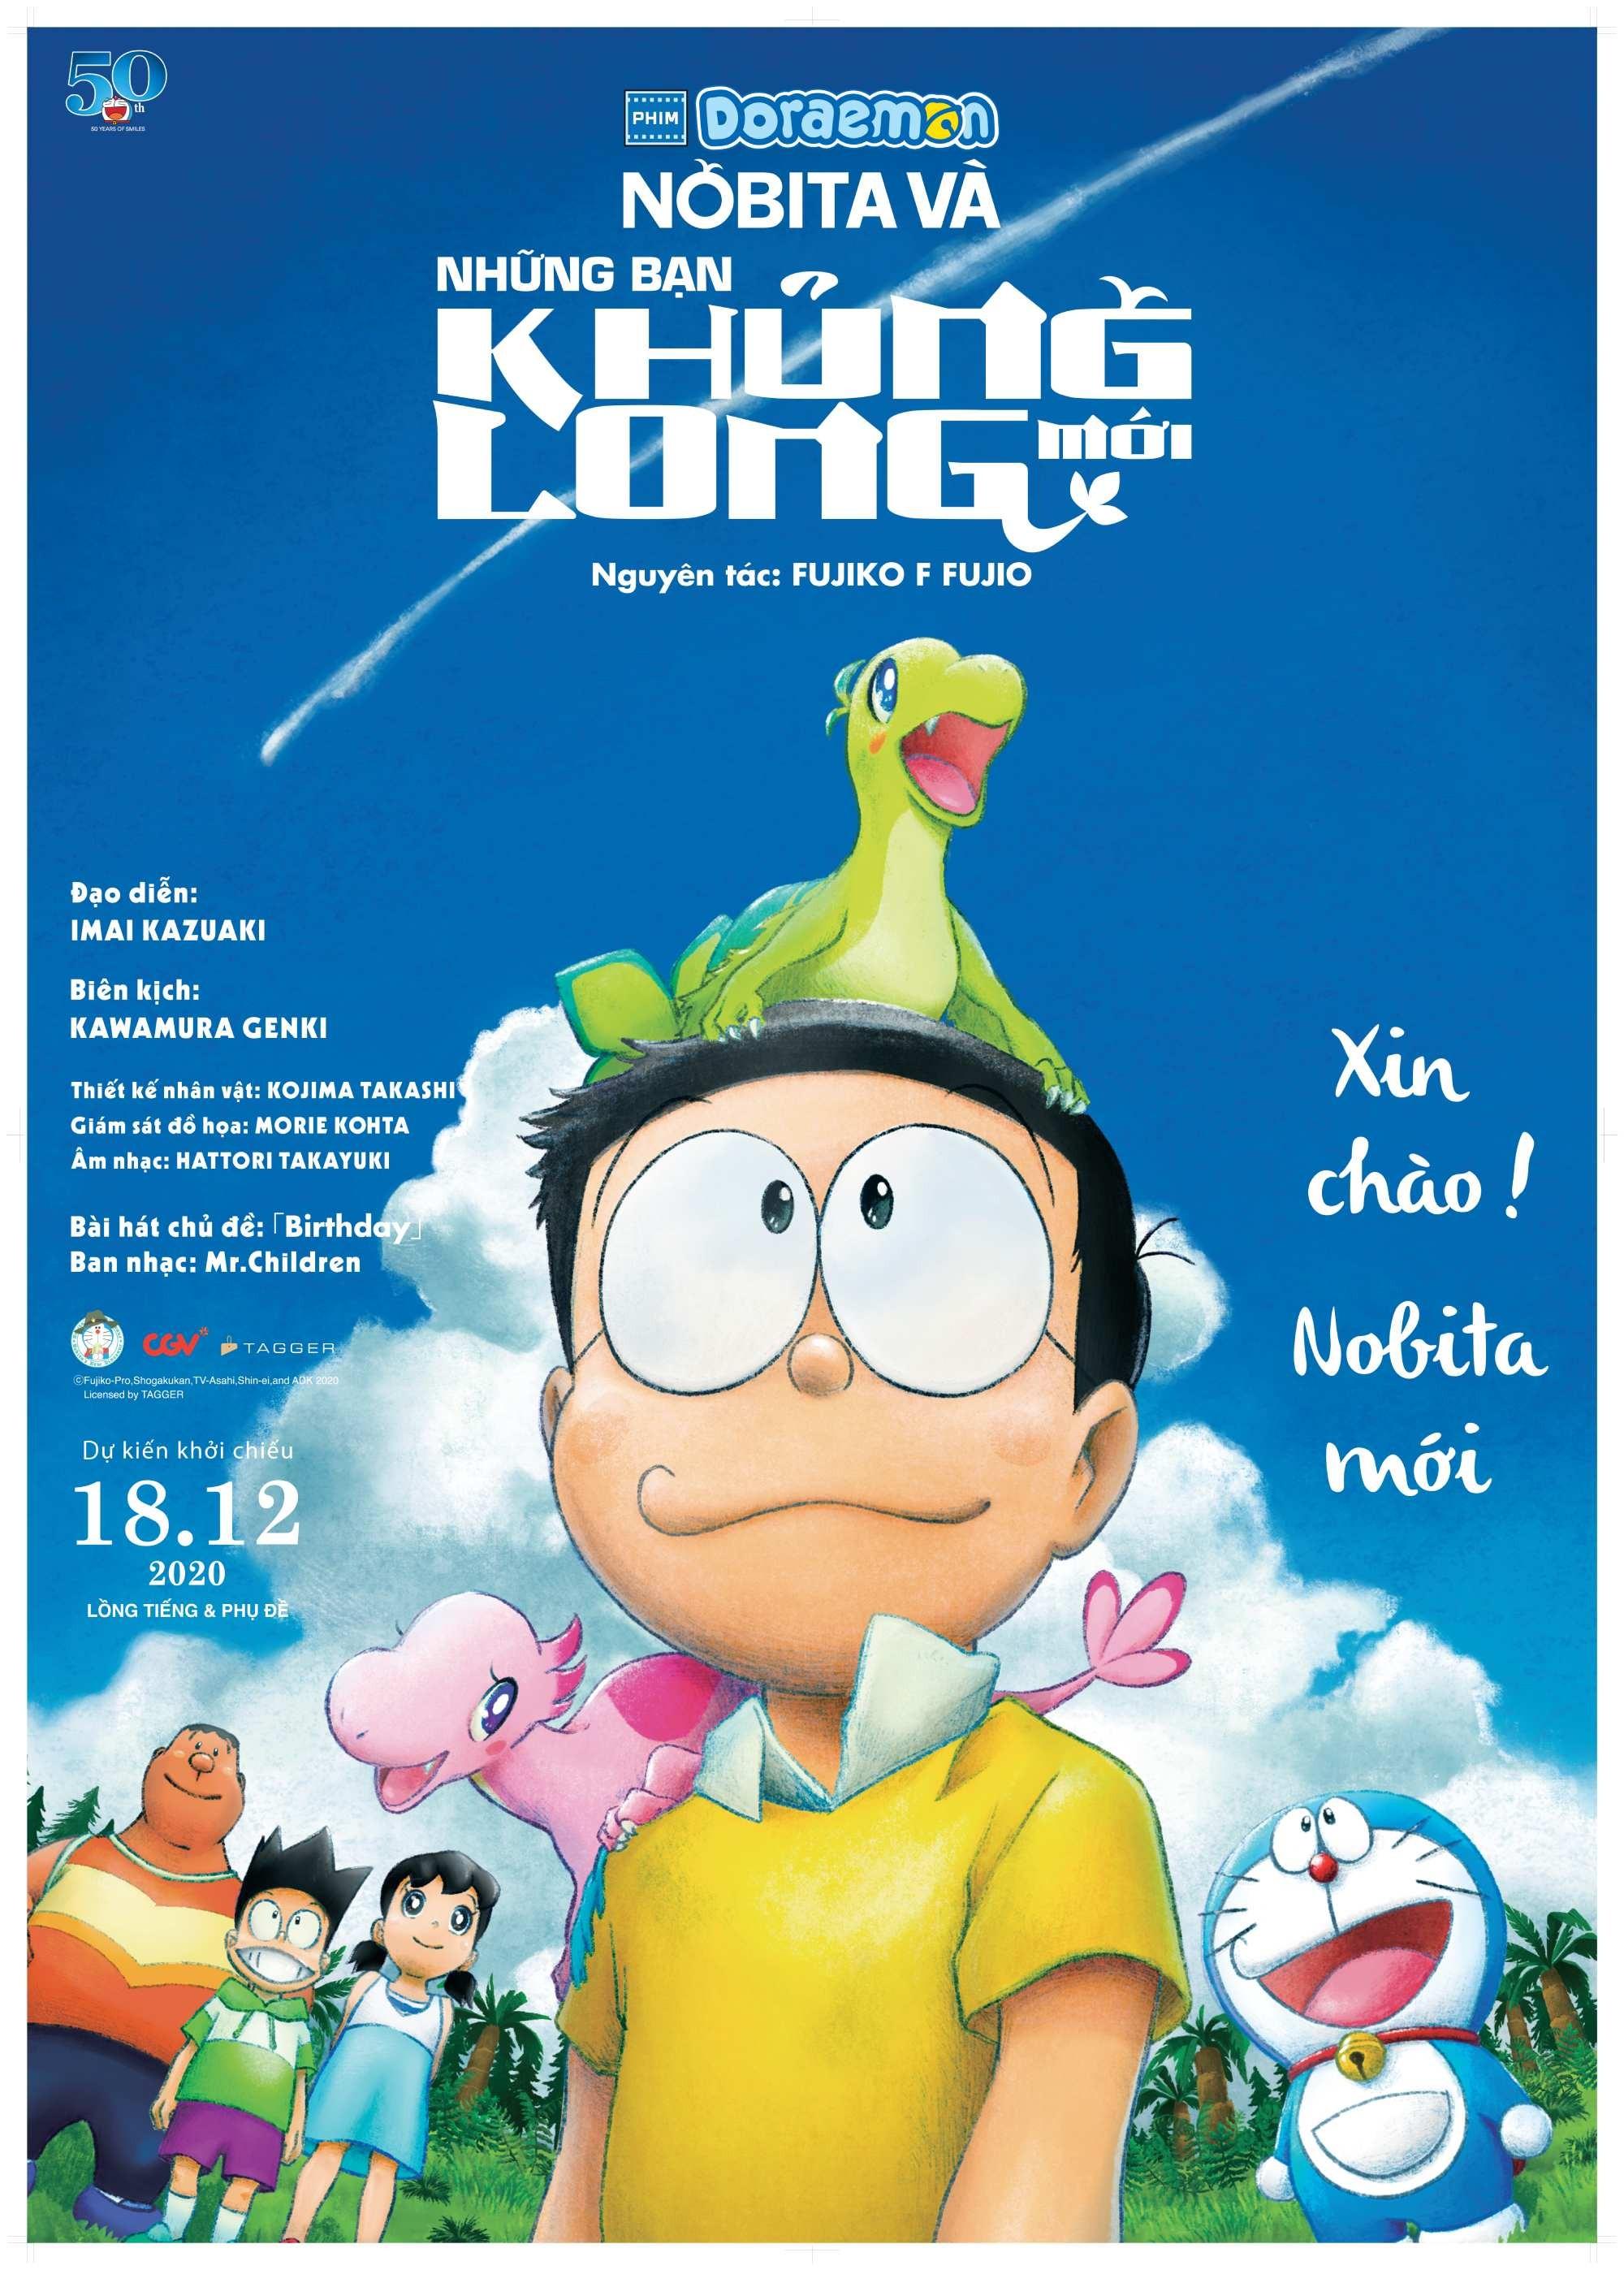 Phim mới Doraemon: Nobita Và Những Bạn Khủng Long Mới - ảnh 2.